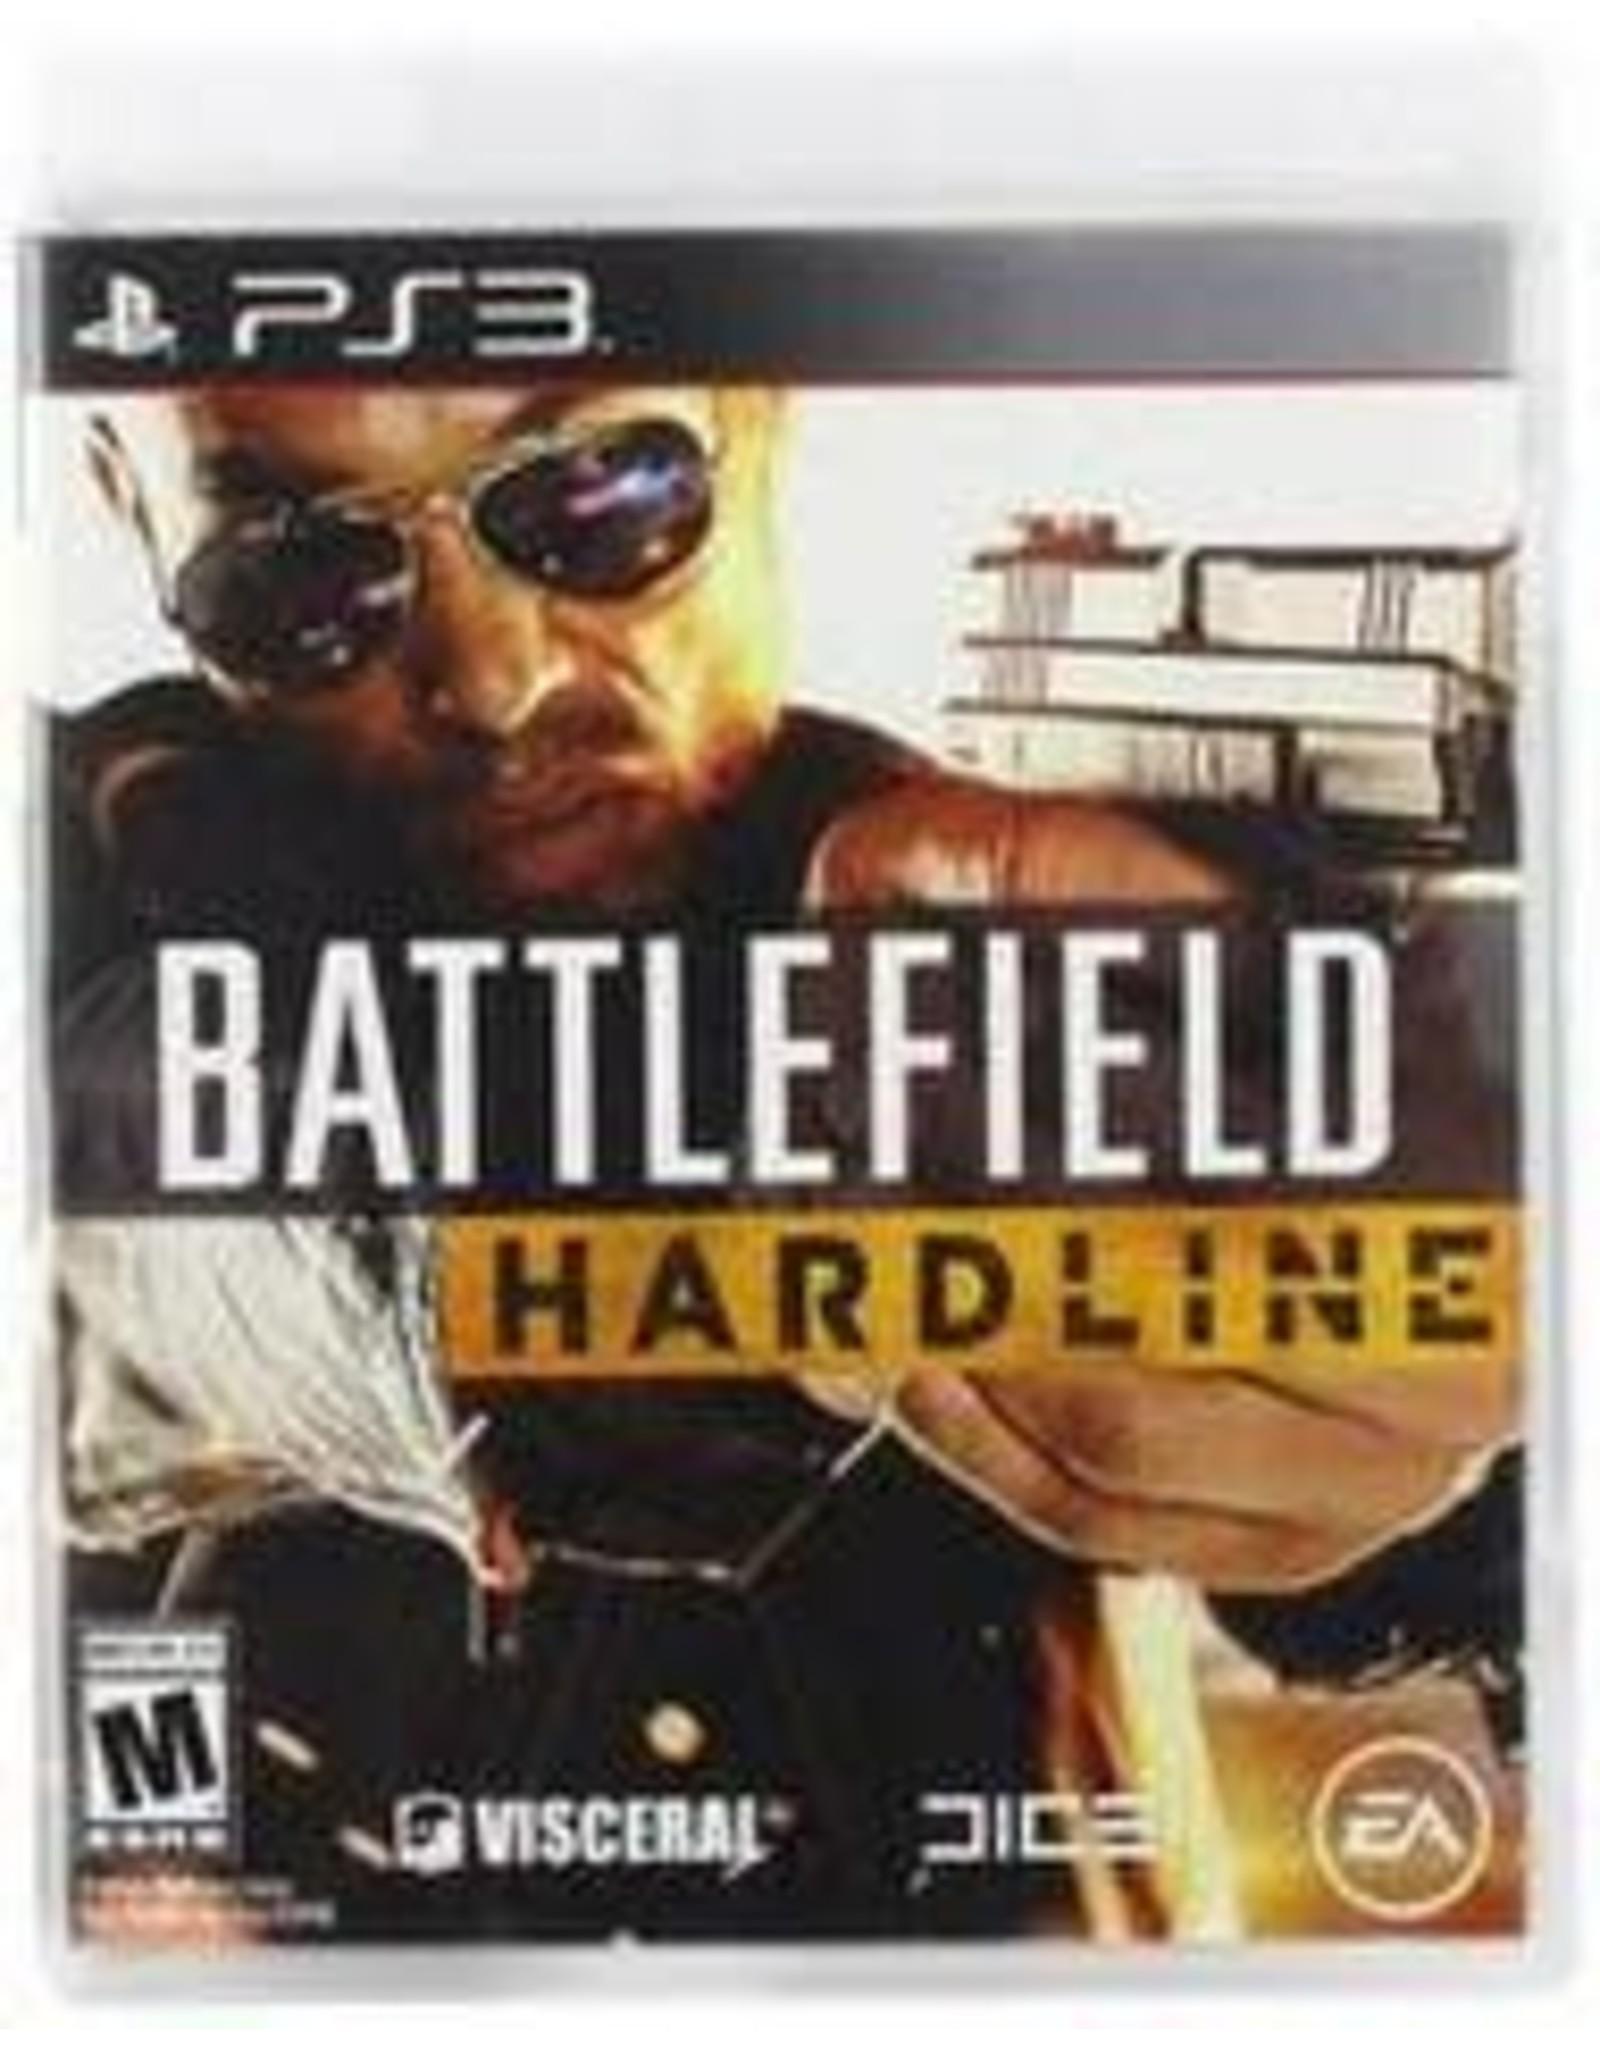 Playstation 3 Battlefield Hardline (CiB)